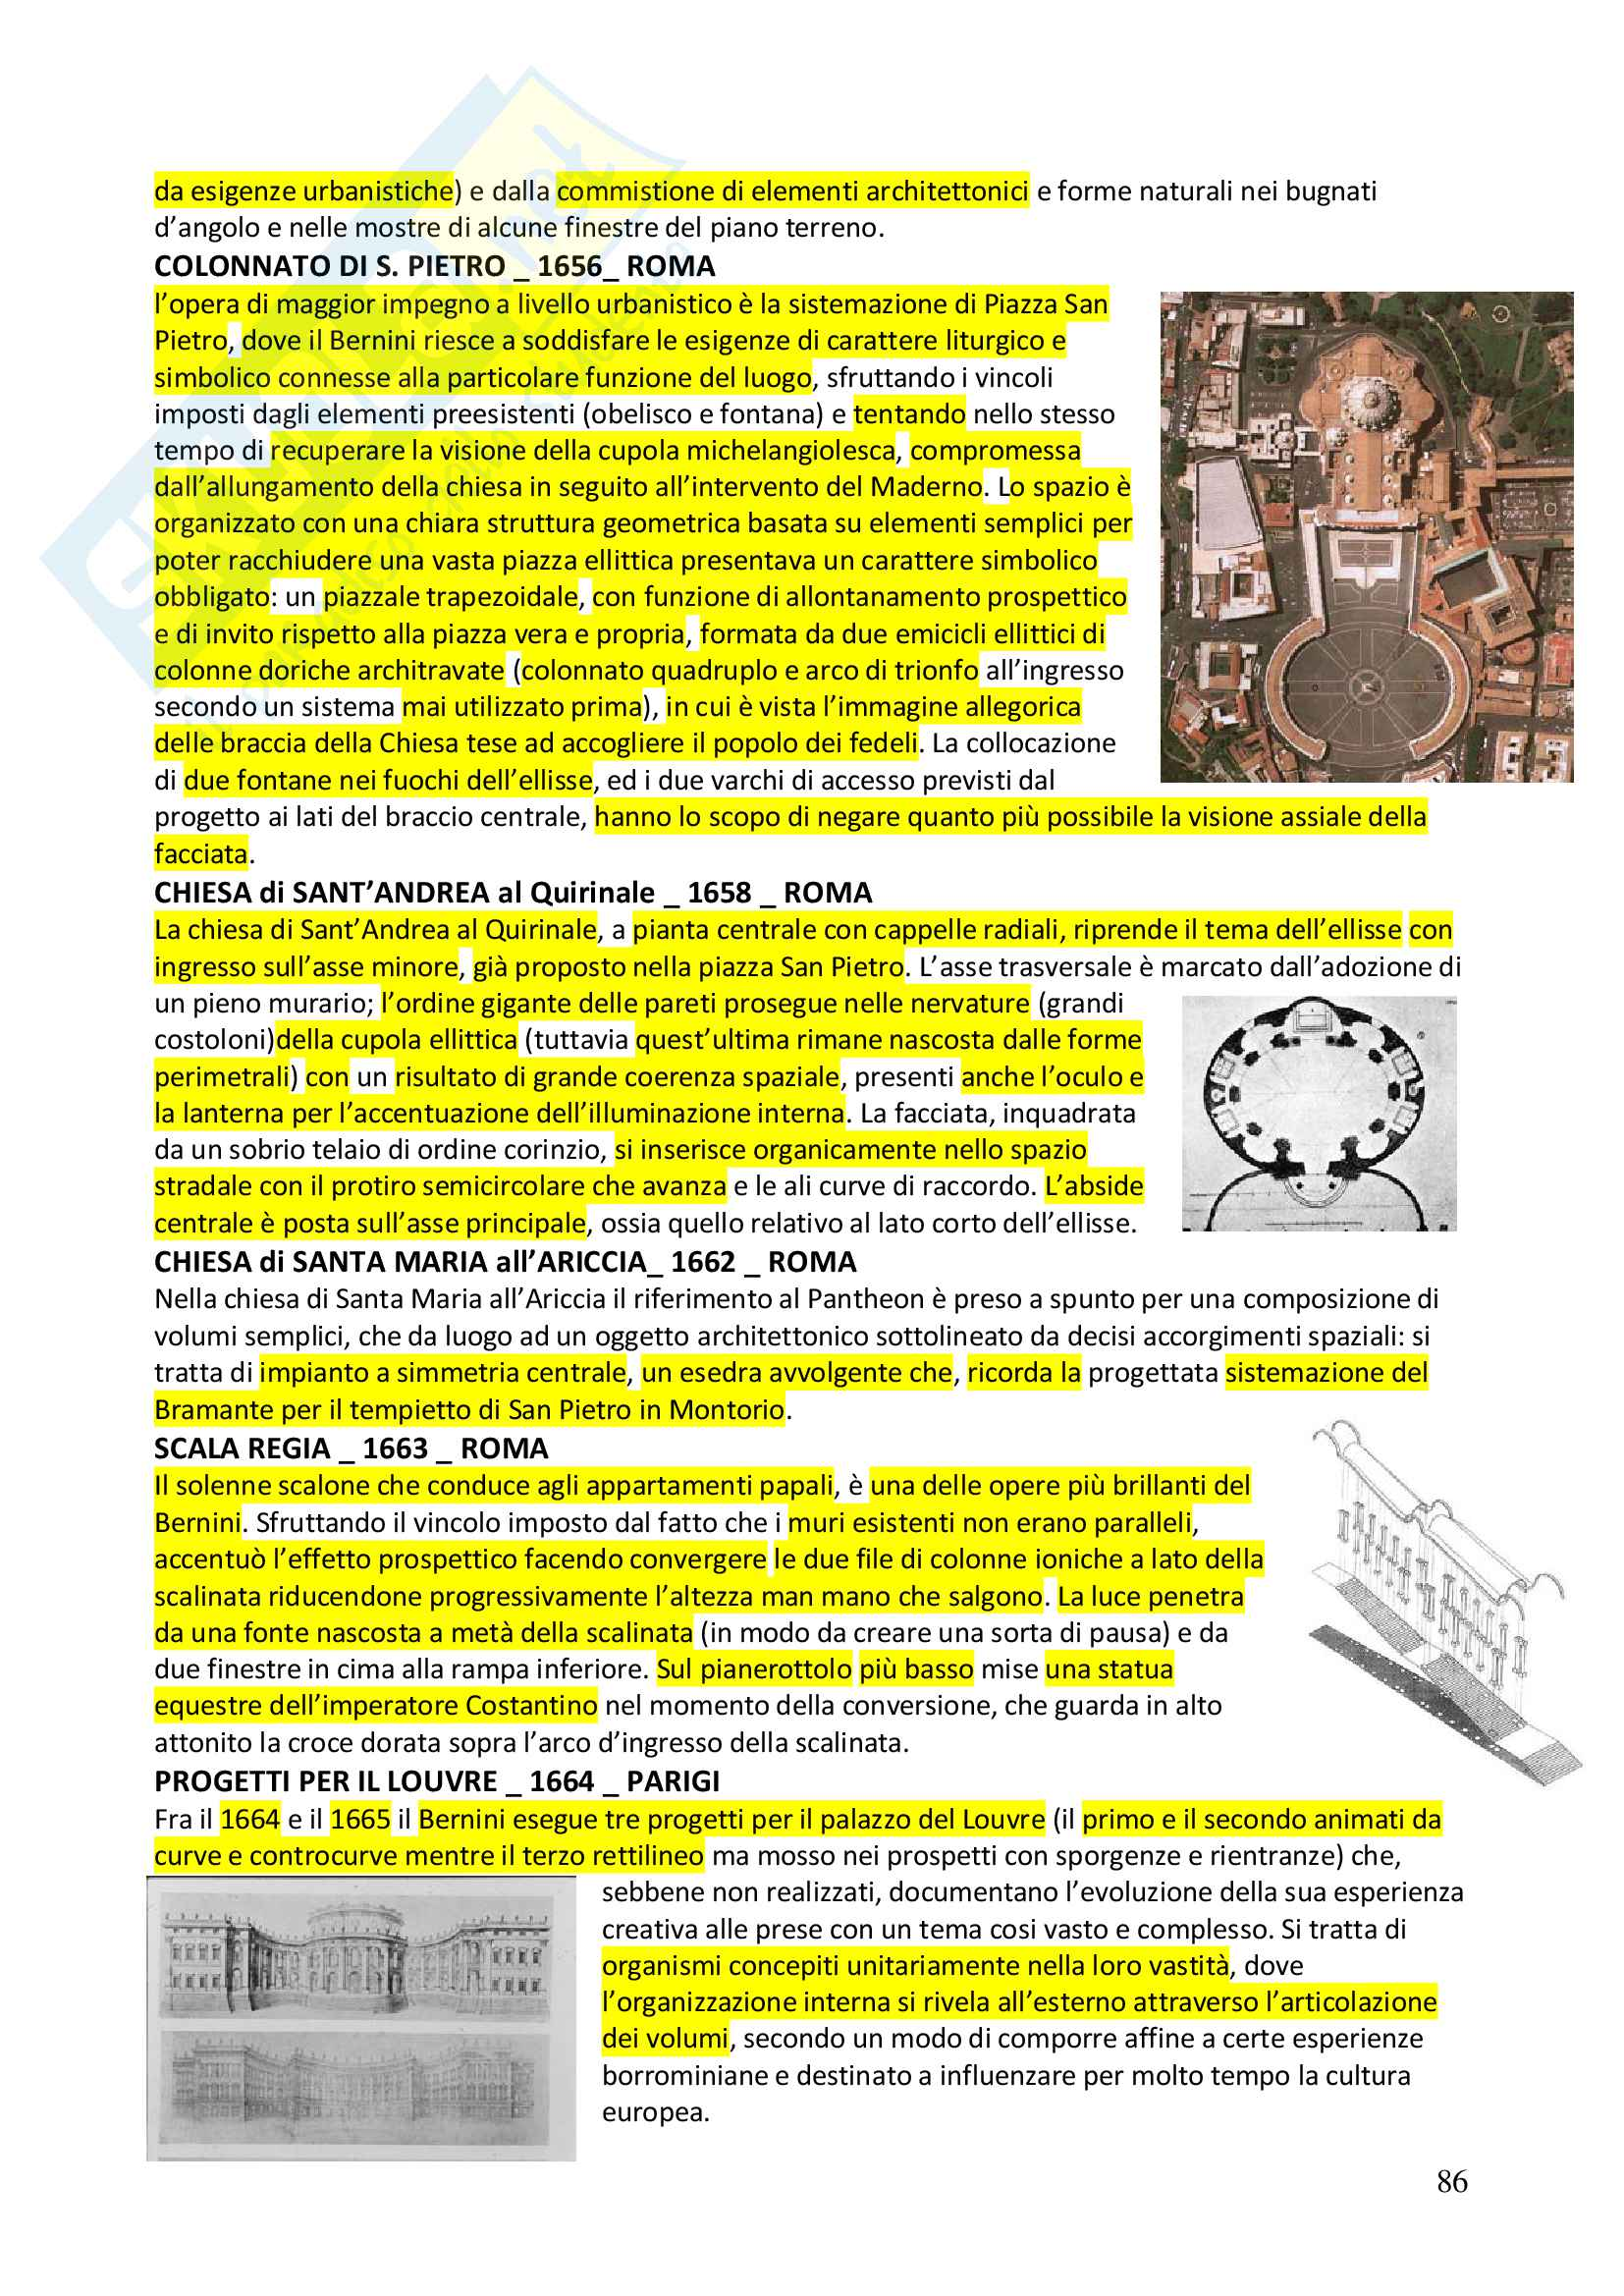 Appunti completi Storia dell'architettura 1+ Immagini Pag. 86